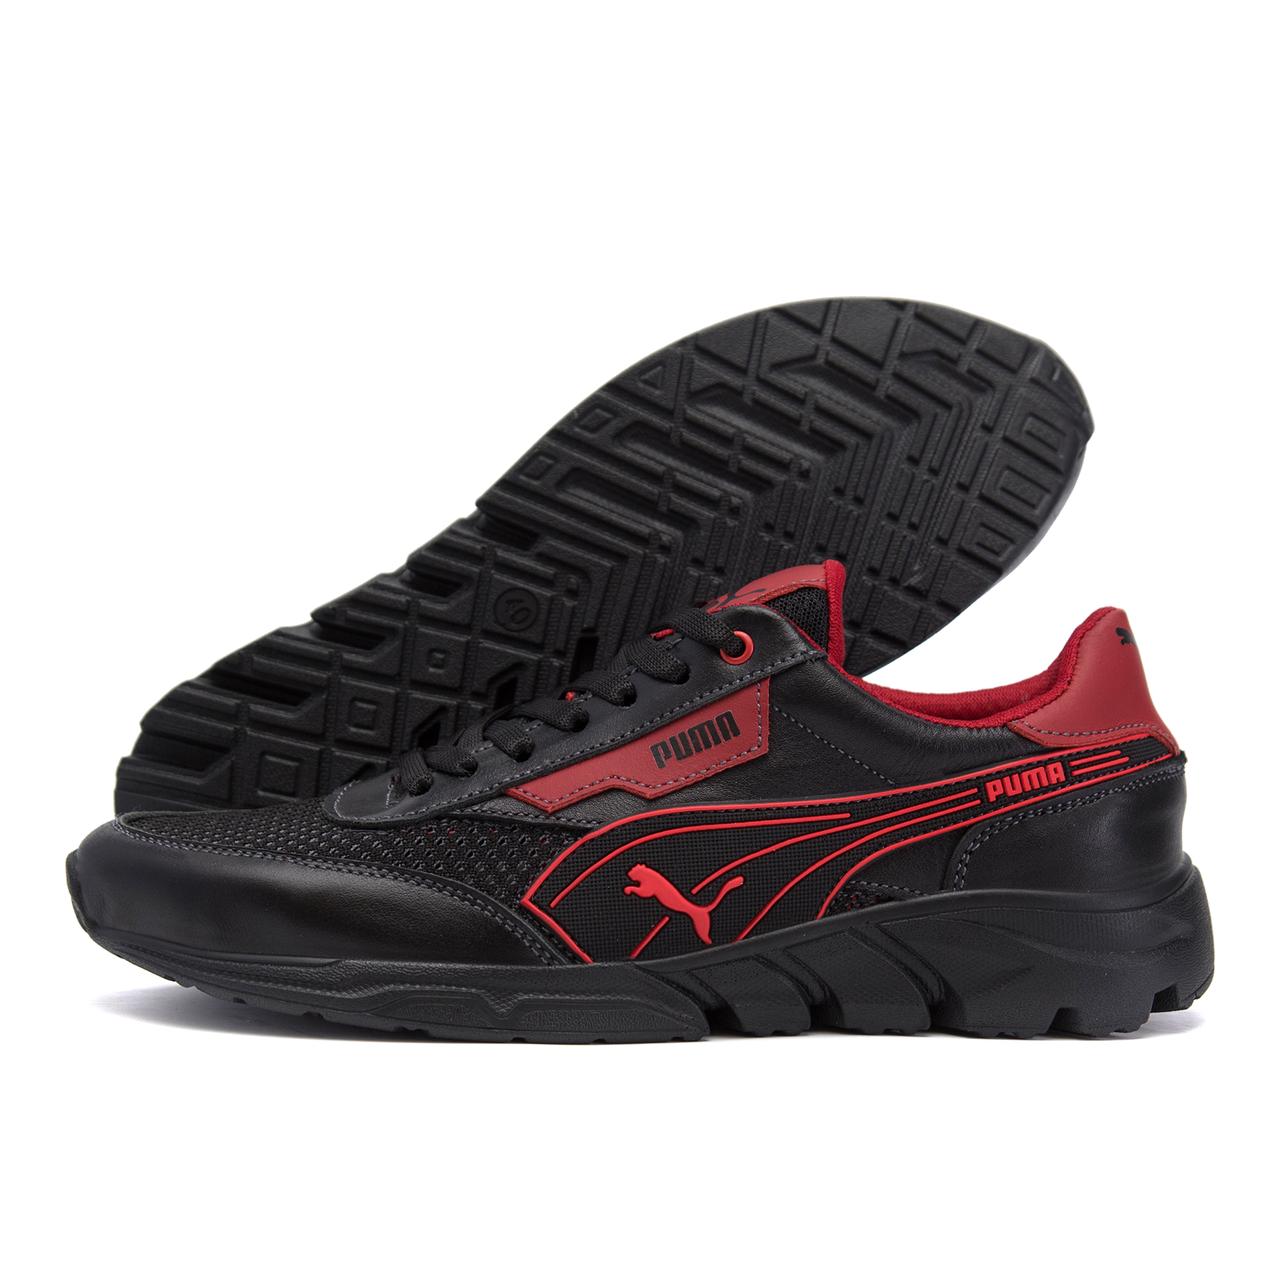 Чоловічі кросівки літні сітка Puma Anzarun чорні з червоним